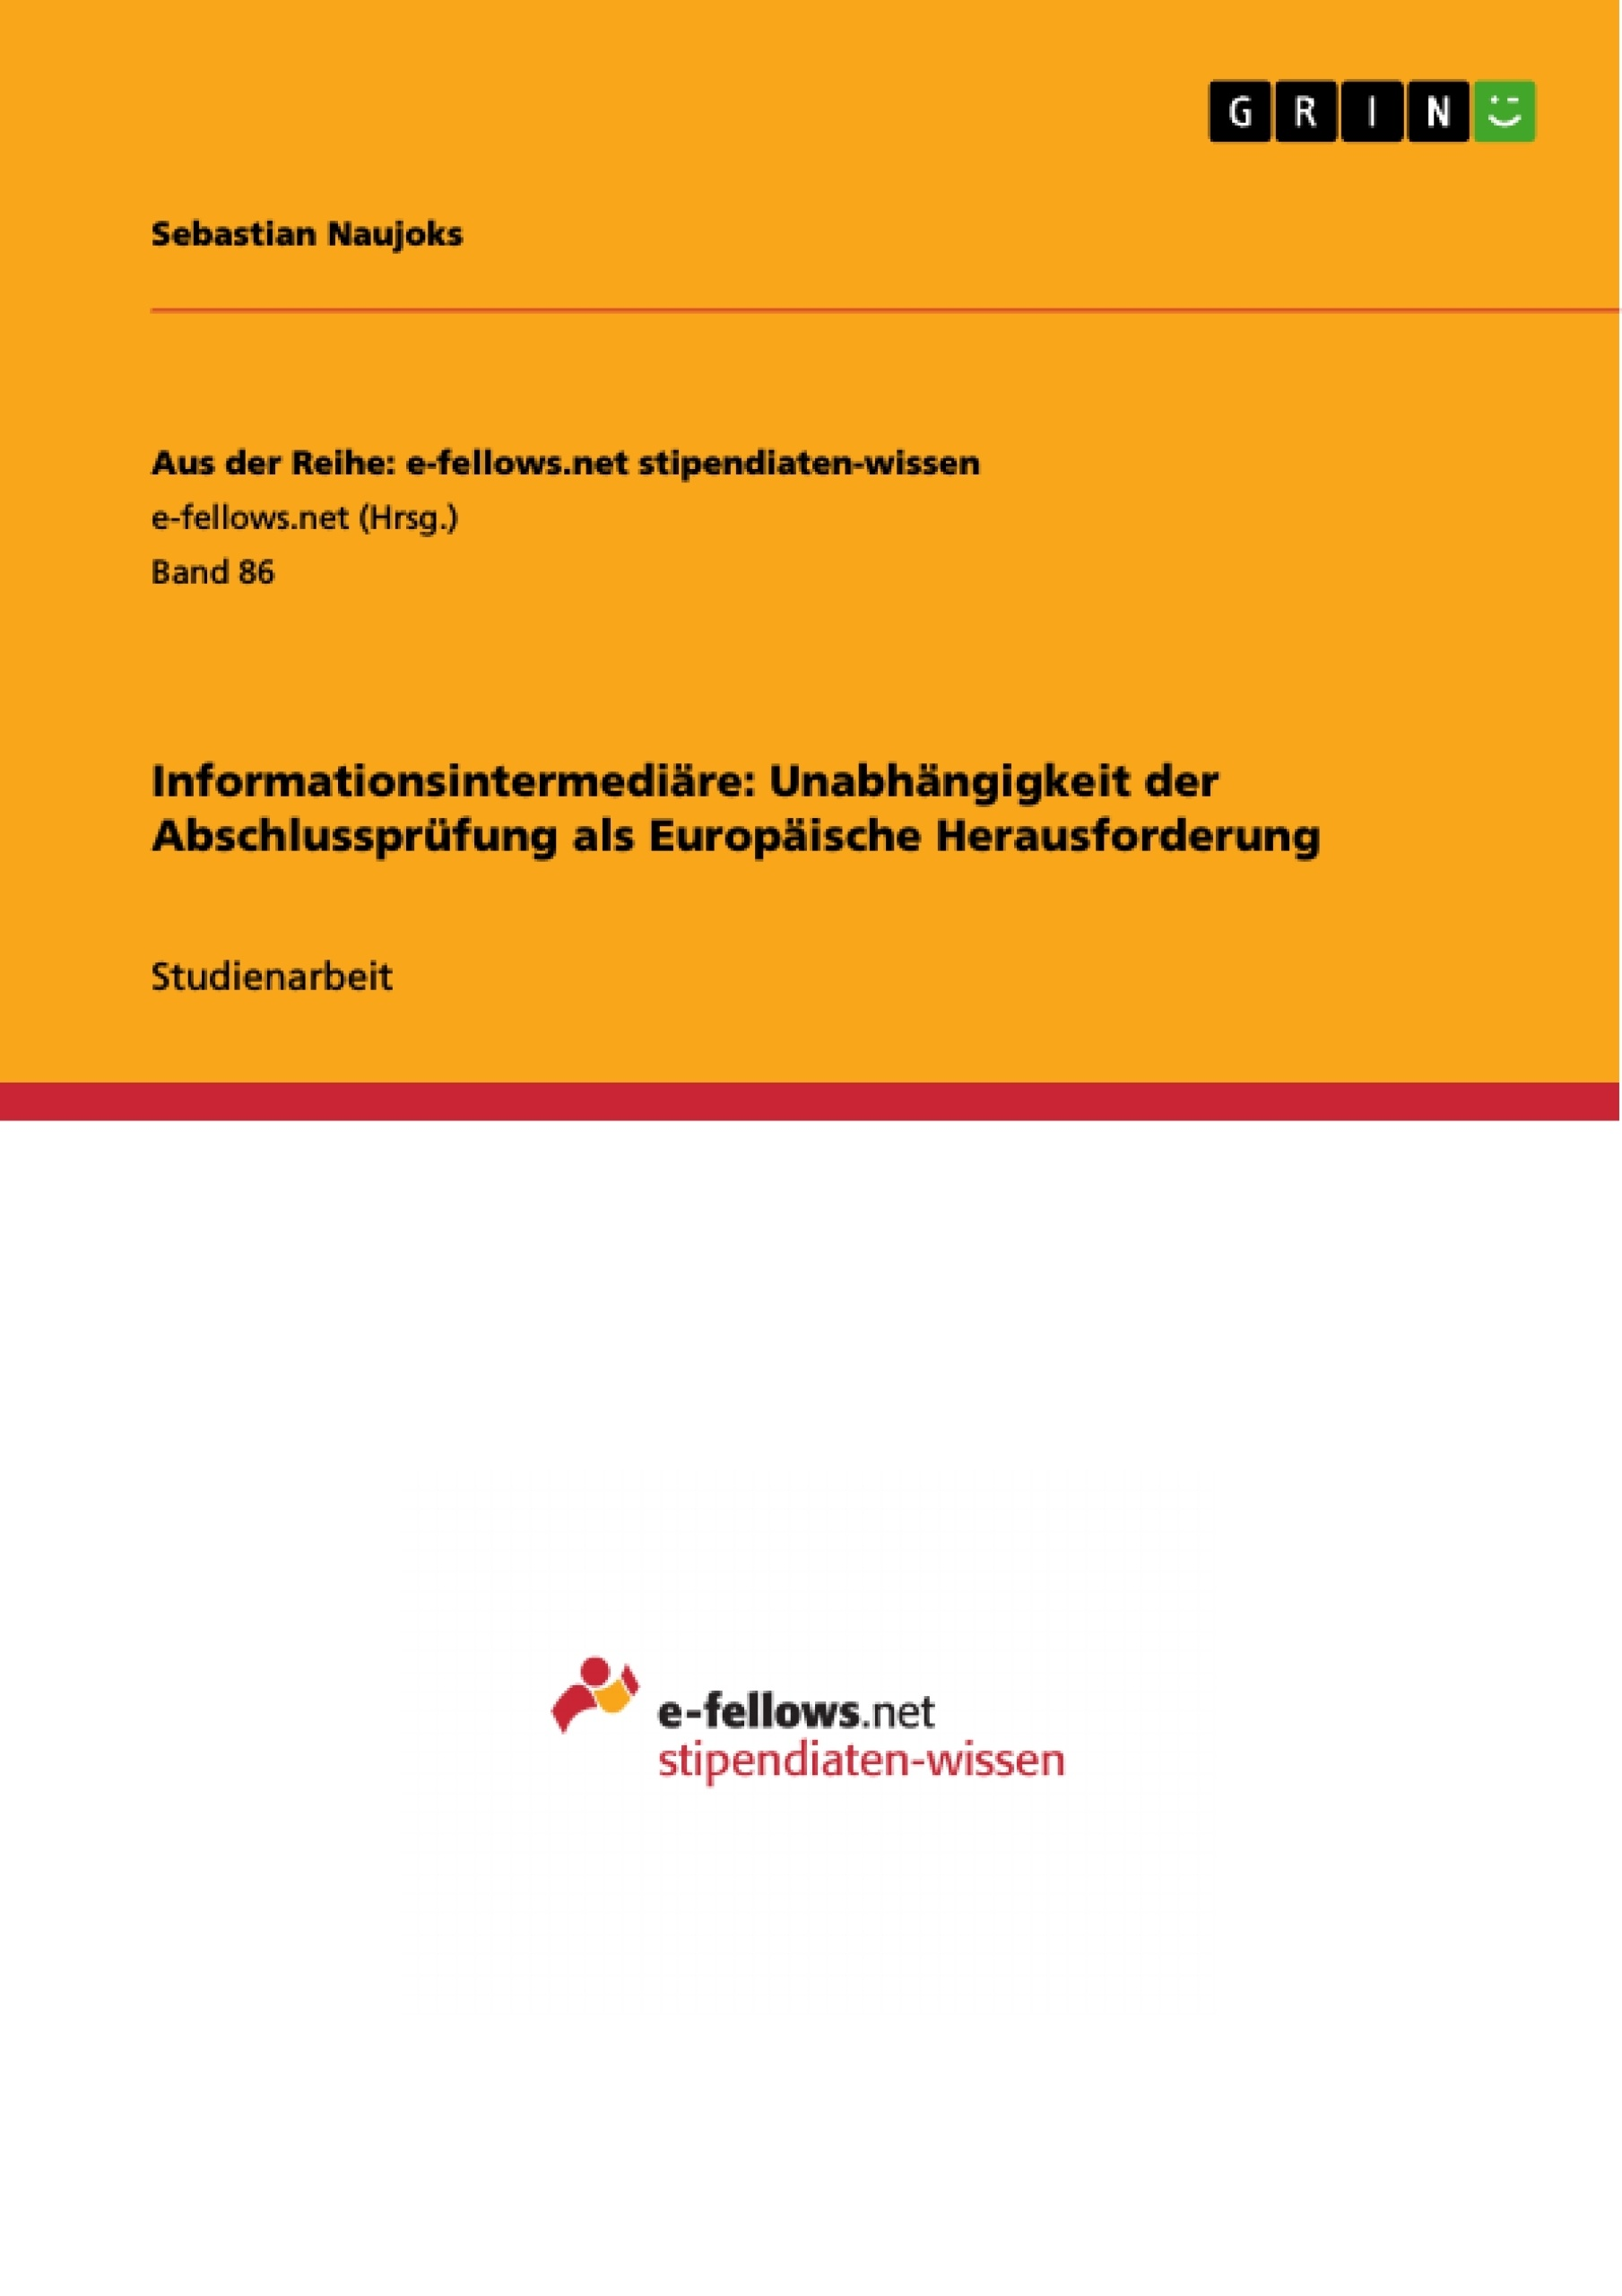 Titel: Informationsintermediäre: Unabhängigkeit der Abschlussprüfung als Europäische Herausforderung